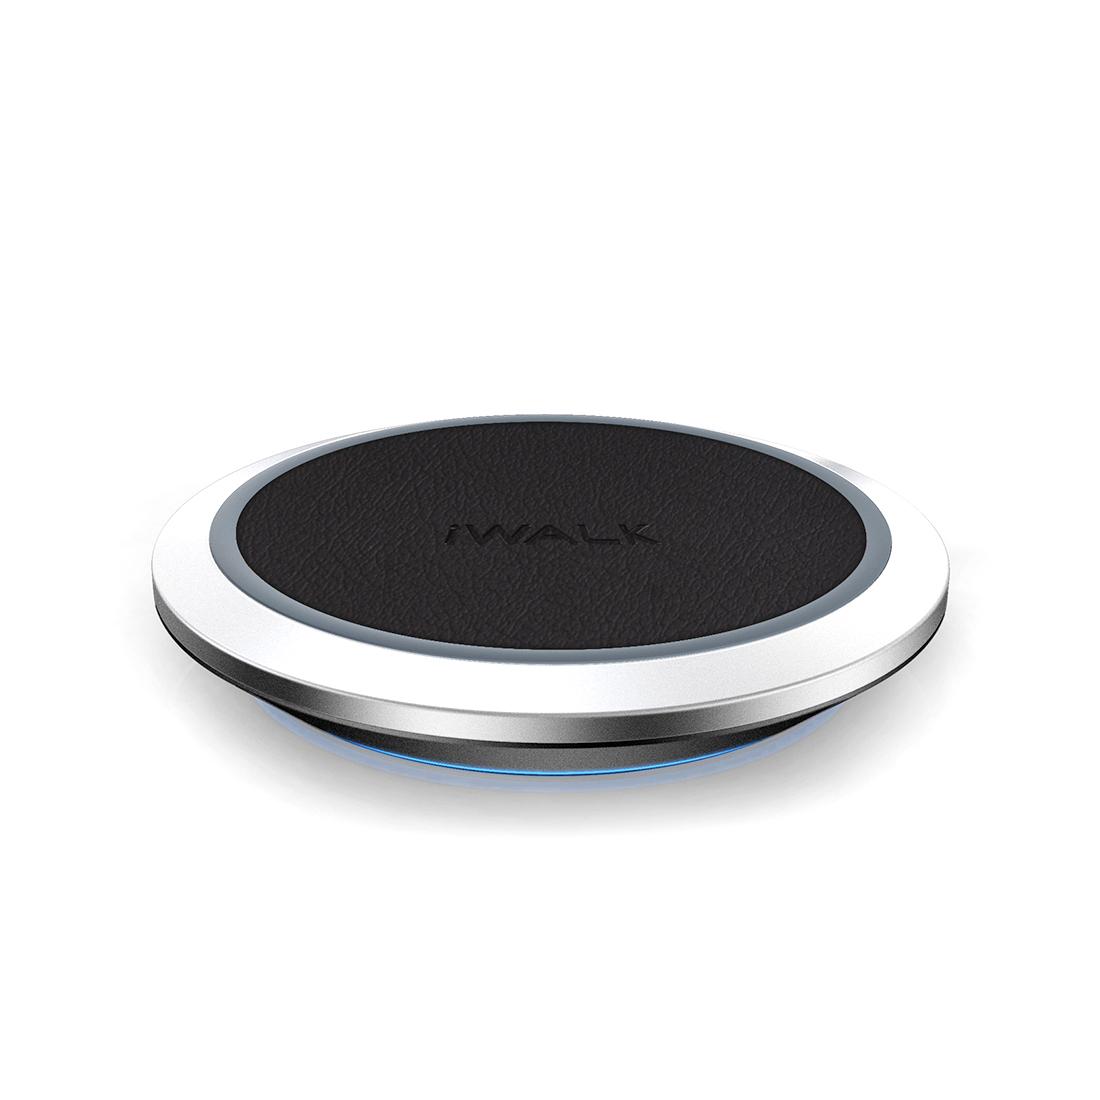 Беспроводное зарядное устройство iWalk ADA007 Чёрный